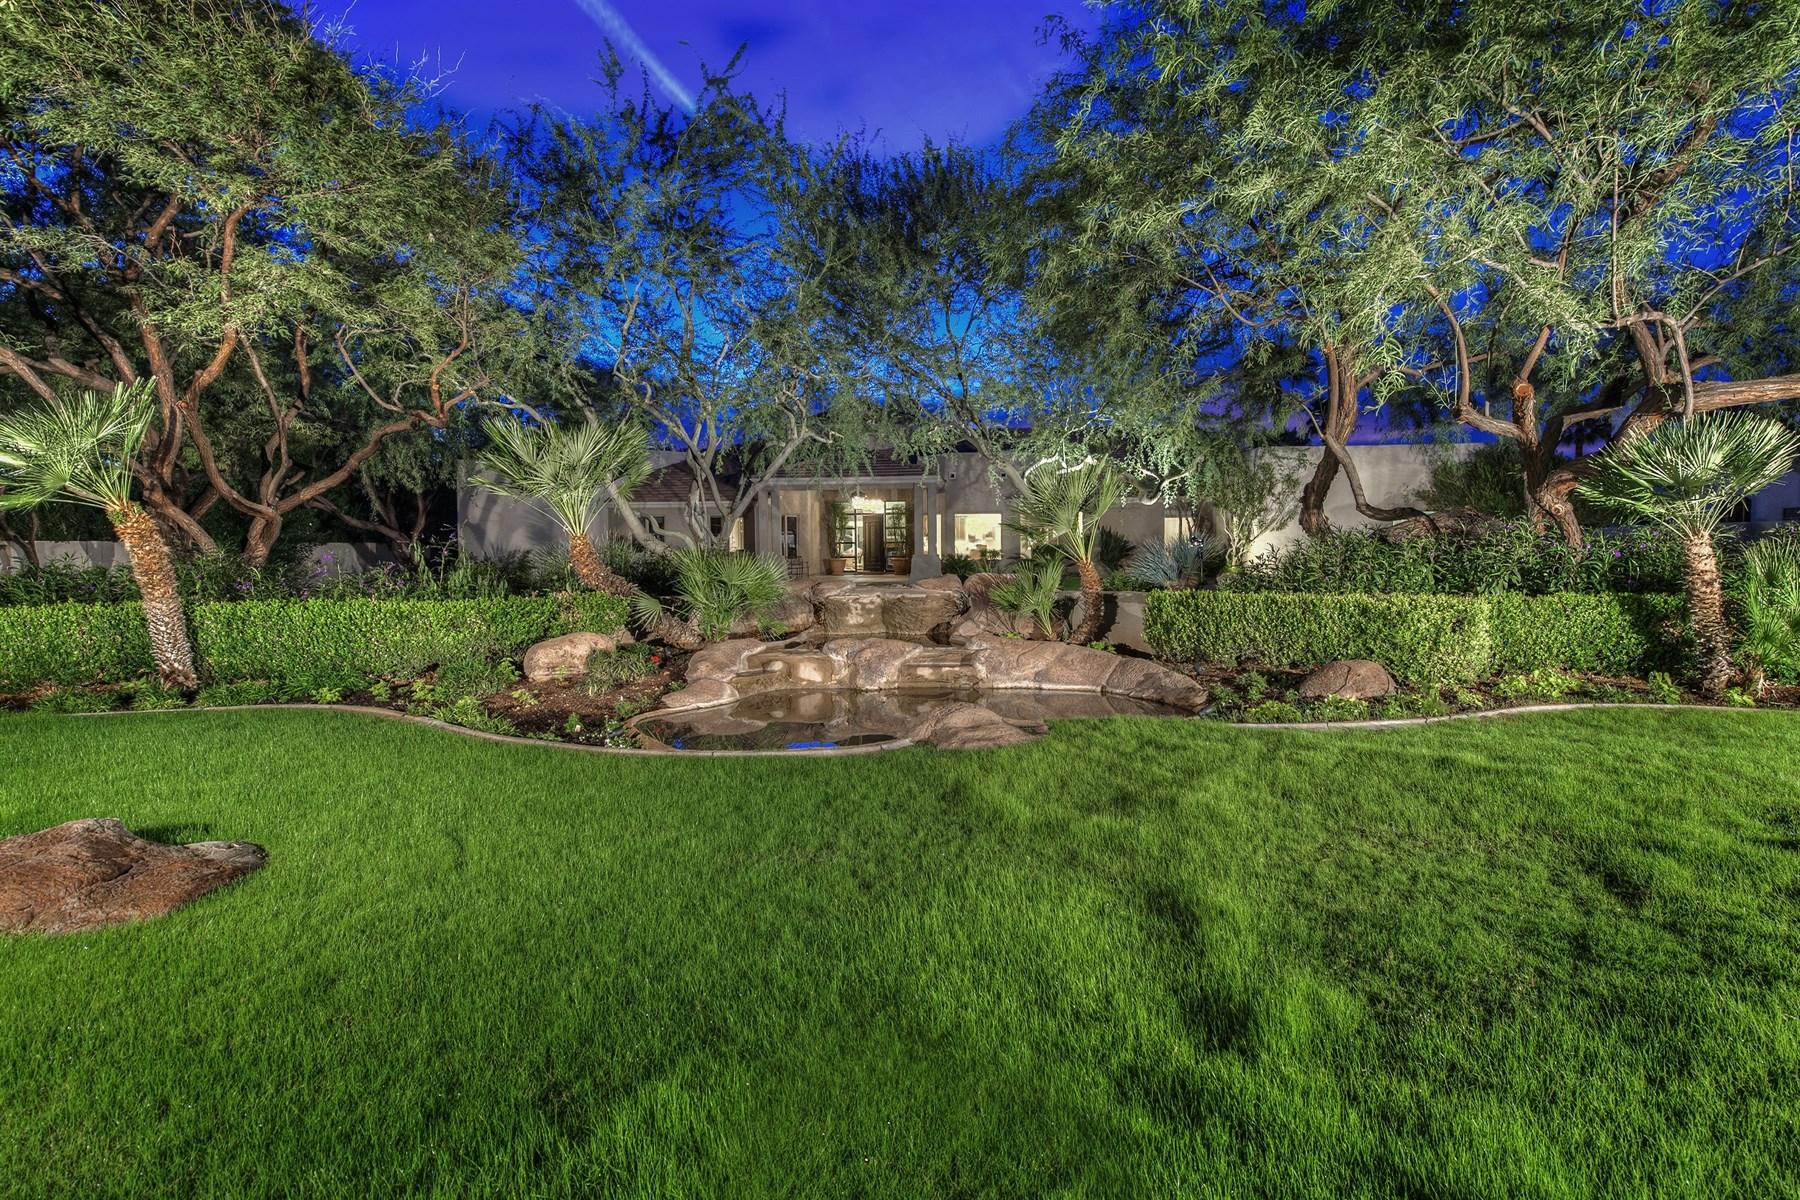 獨棟家庭住宅 為 出售 在 Beautiful home with private gated entrance 9322 N 71ST ST Paradise Valley, 亞利桑那州 85253 美國